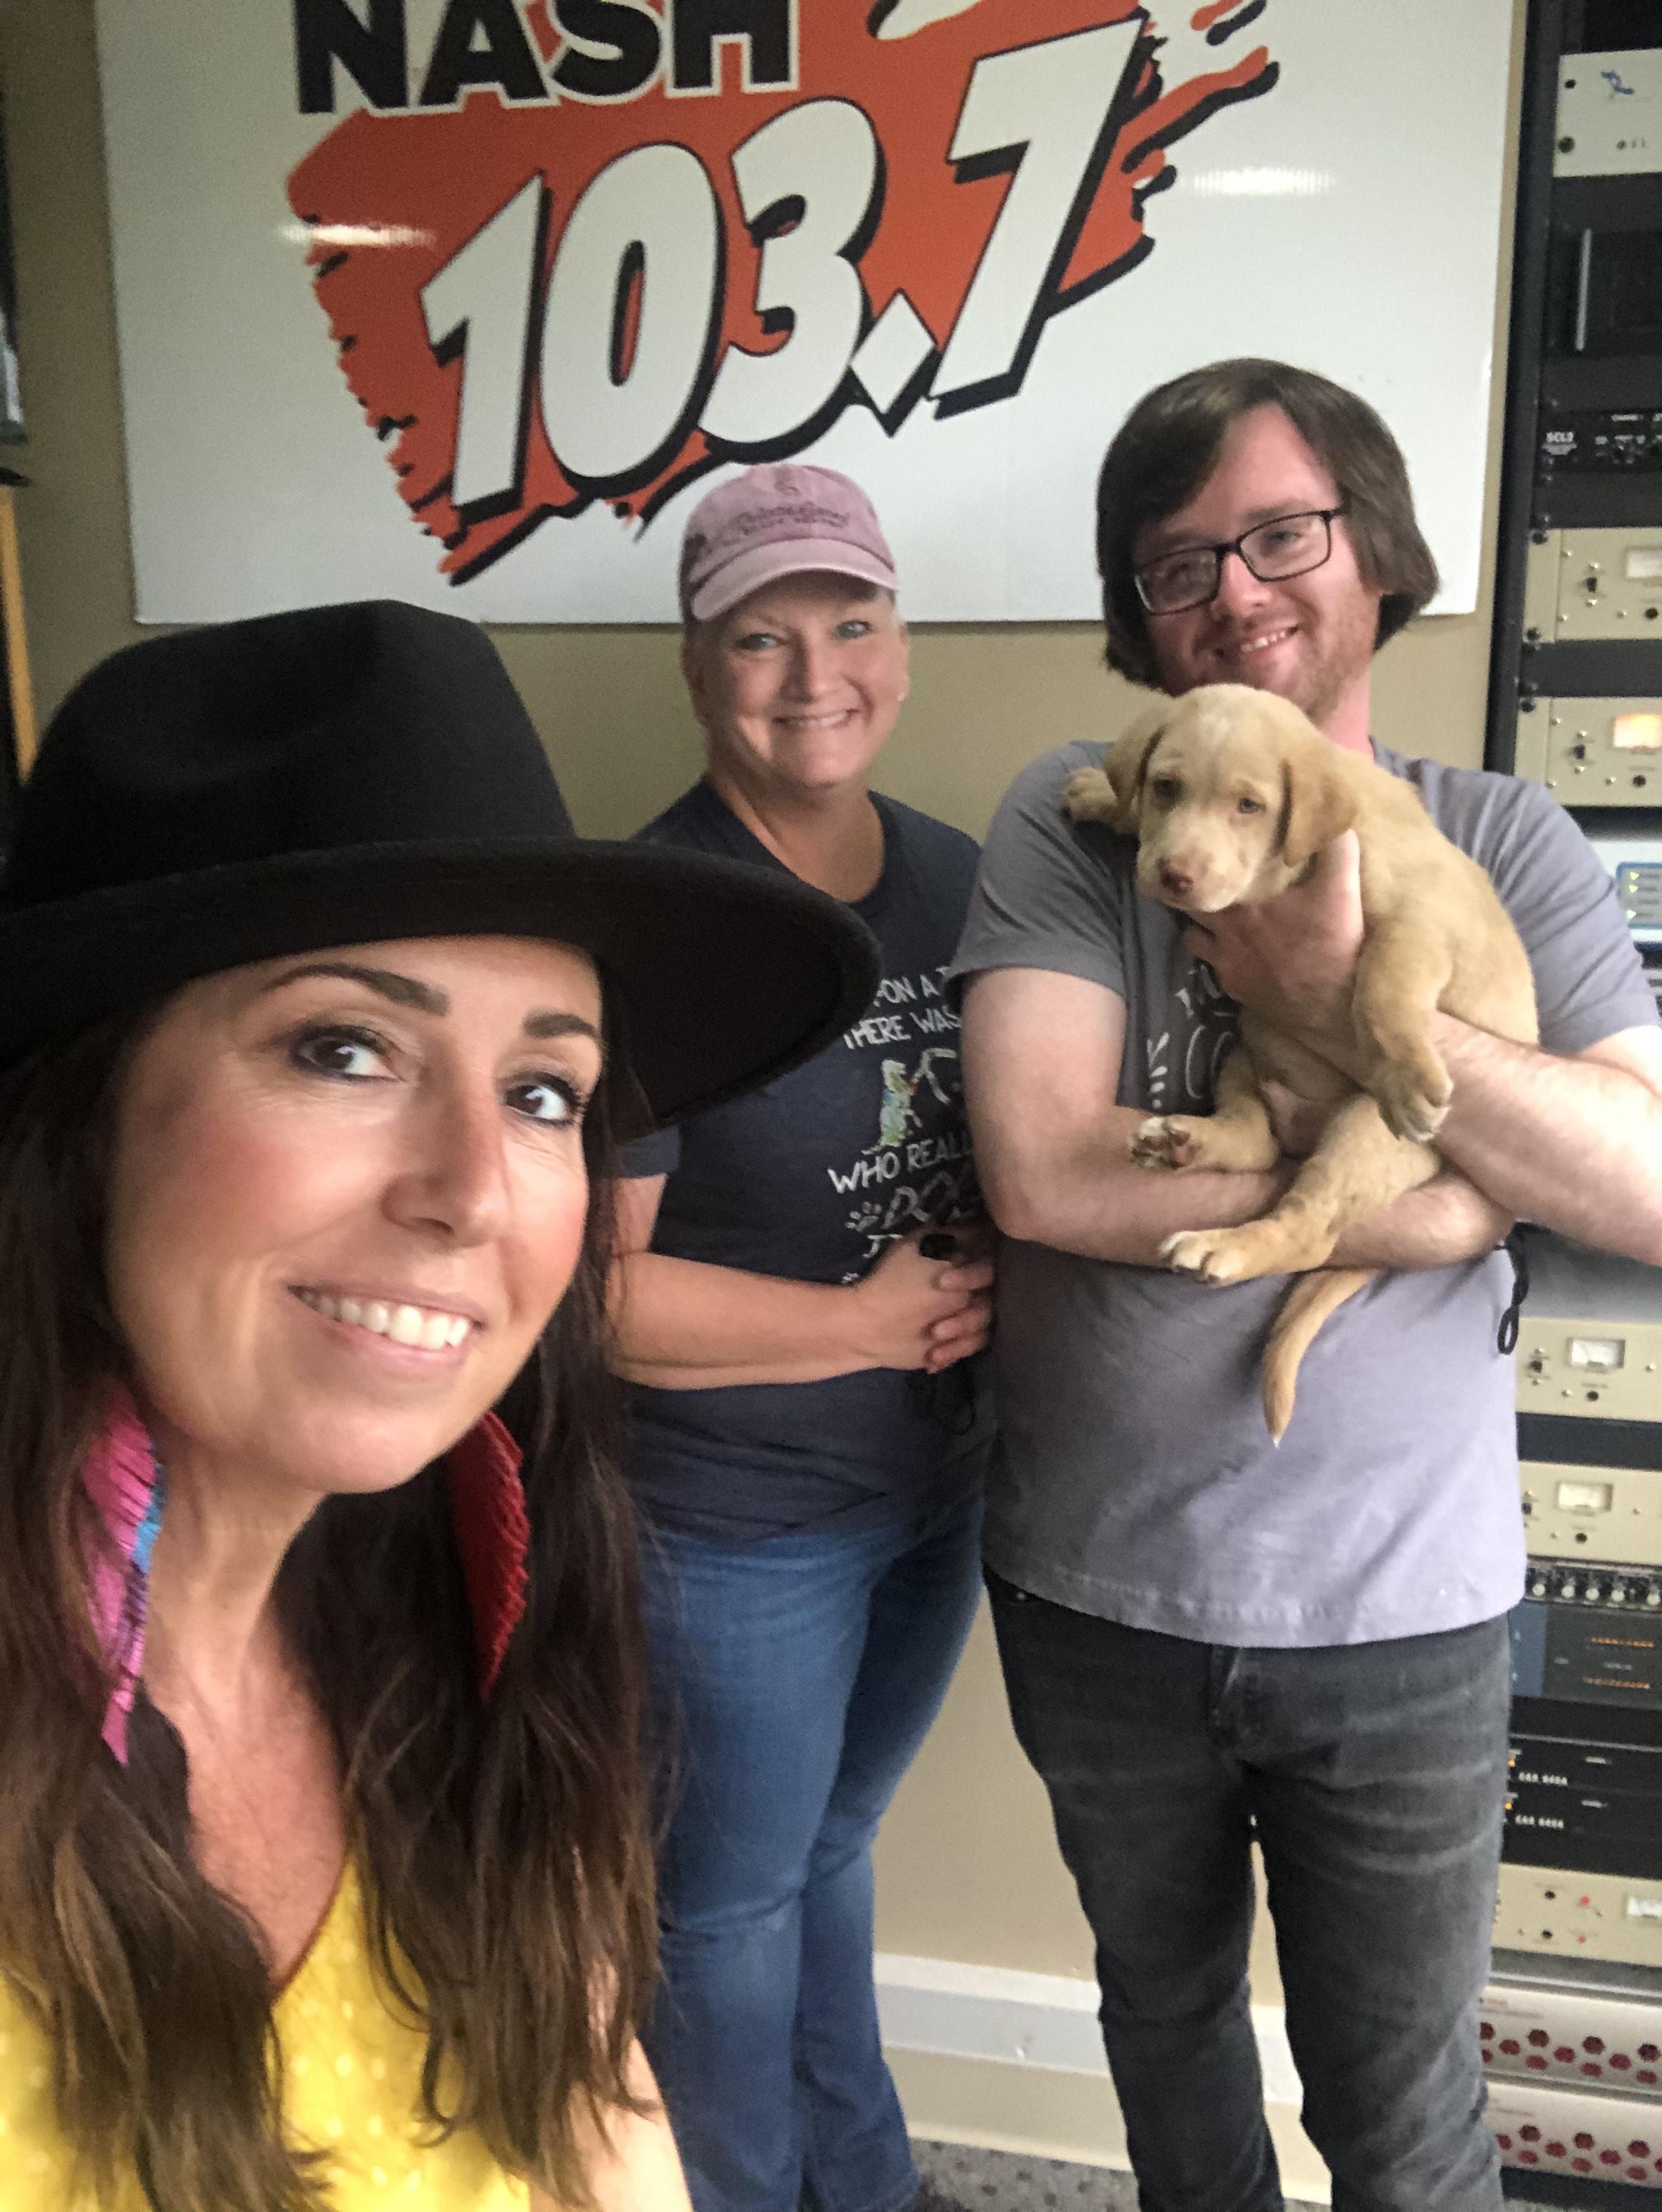 PETS & PAWS: This week meet Fabio, a cute puppy